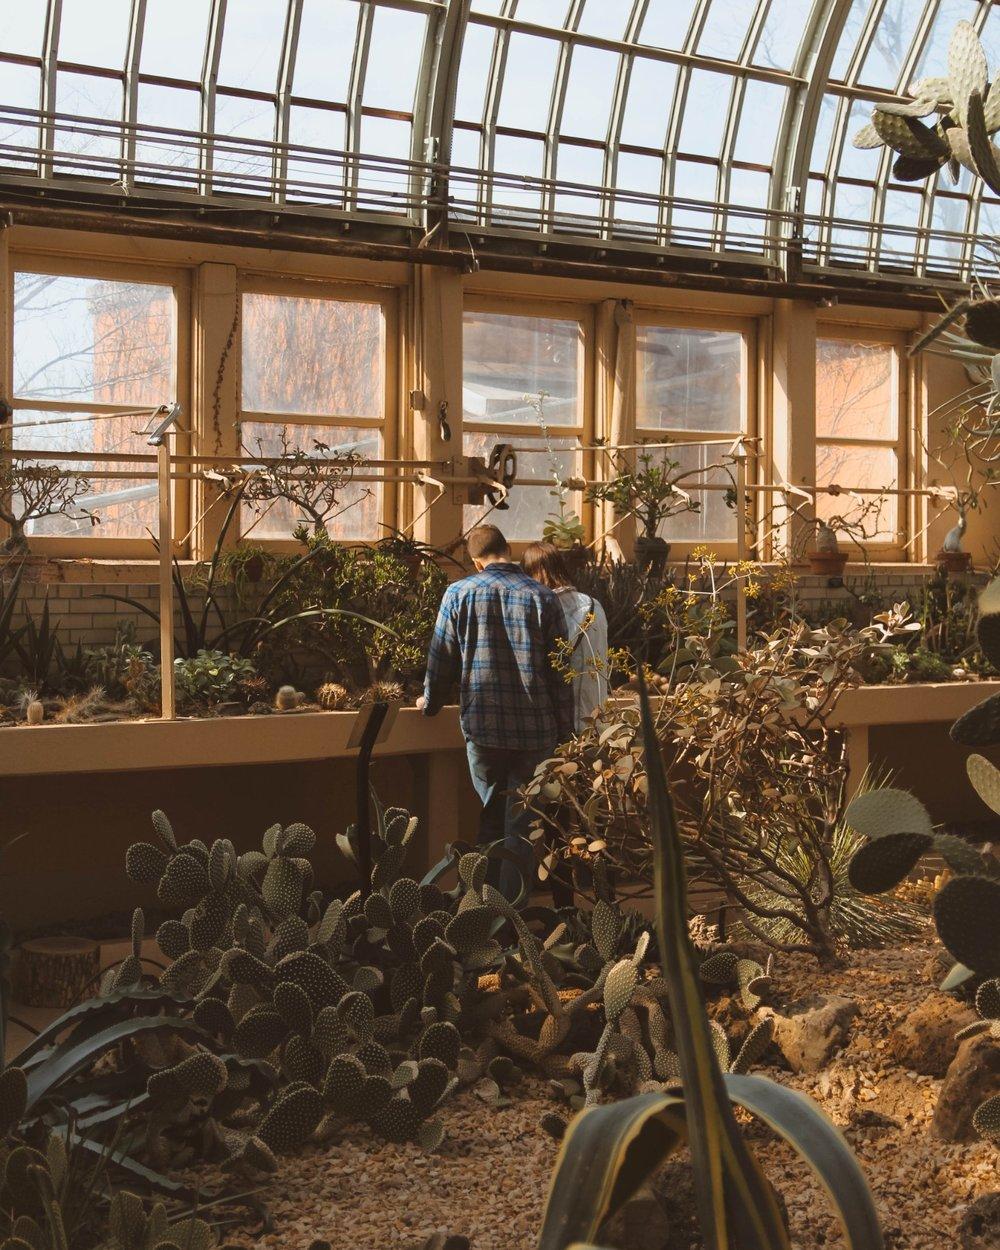 chicago gardener conservatory 2